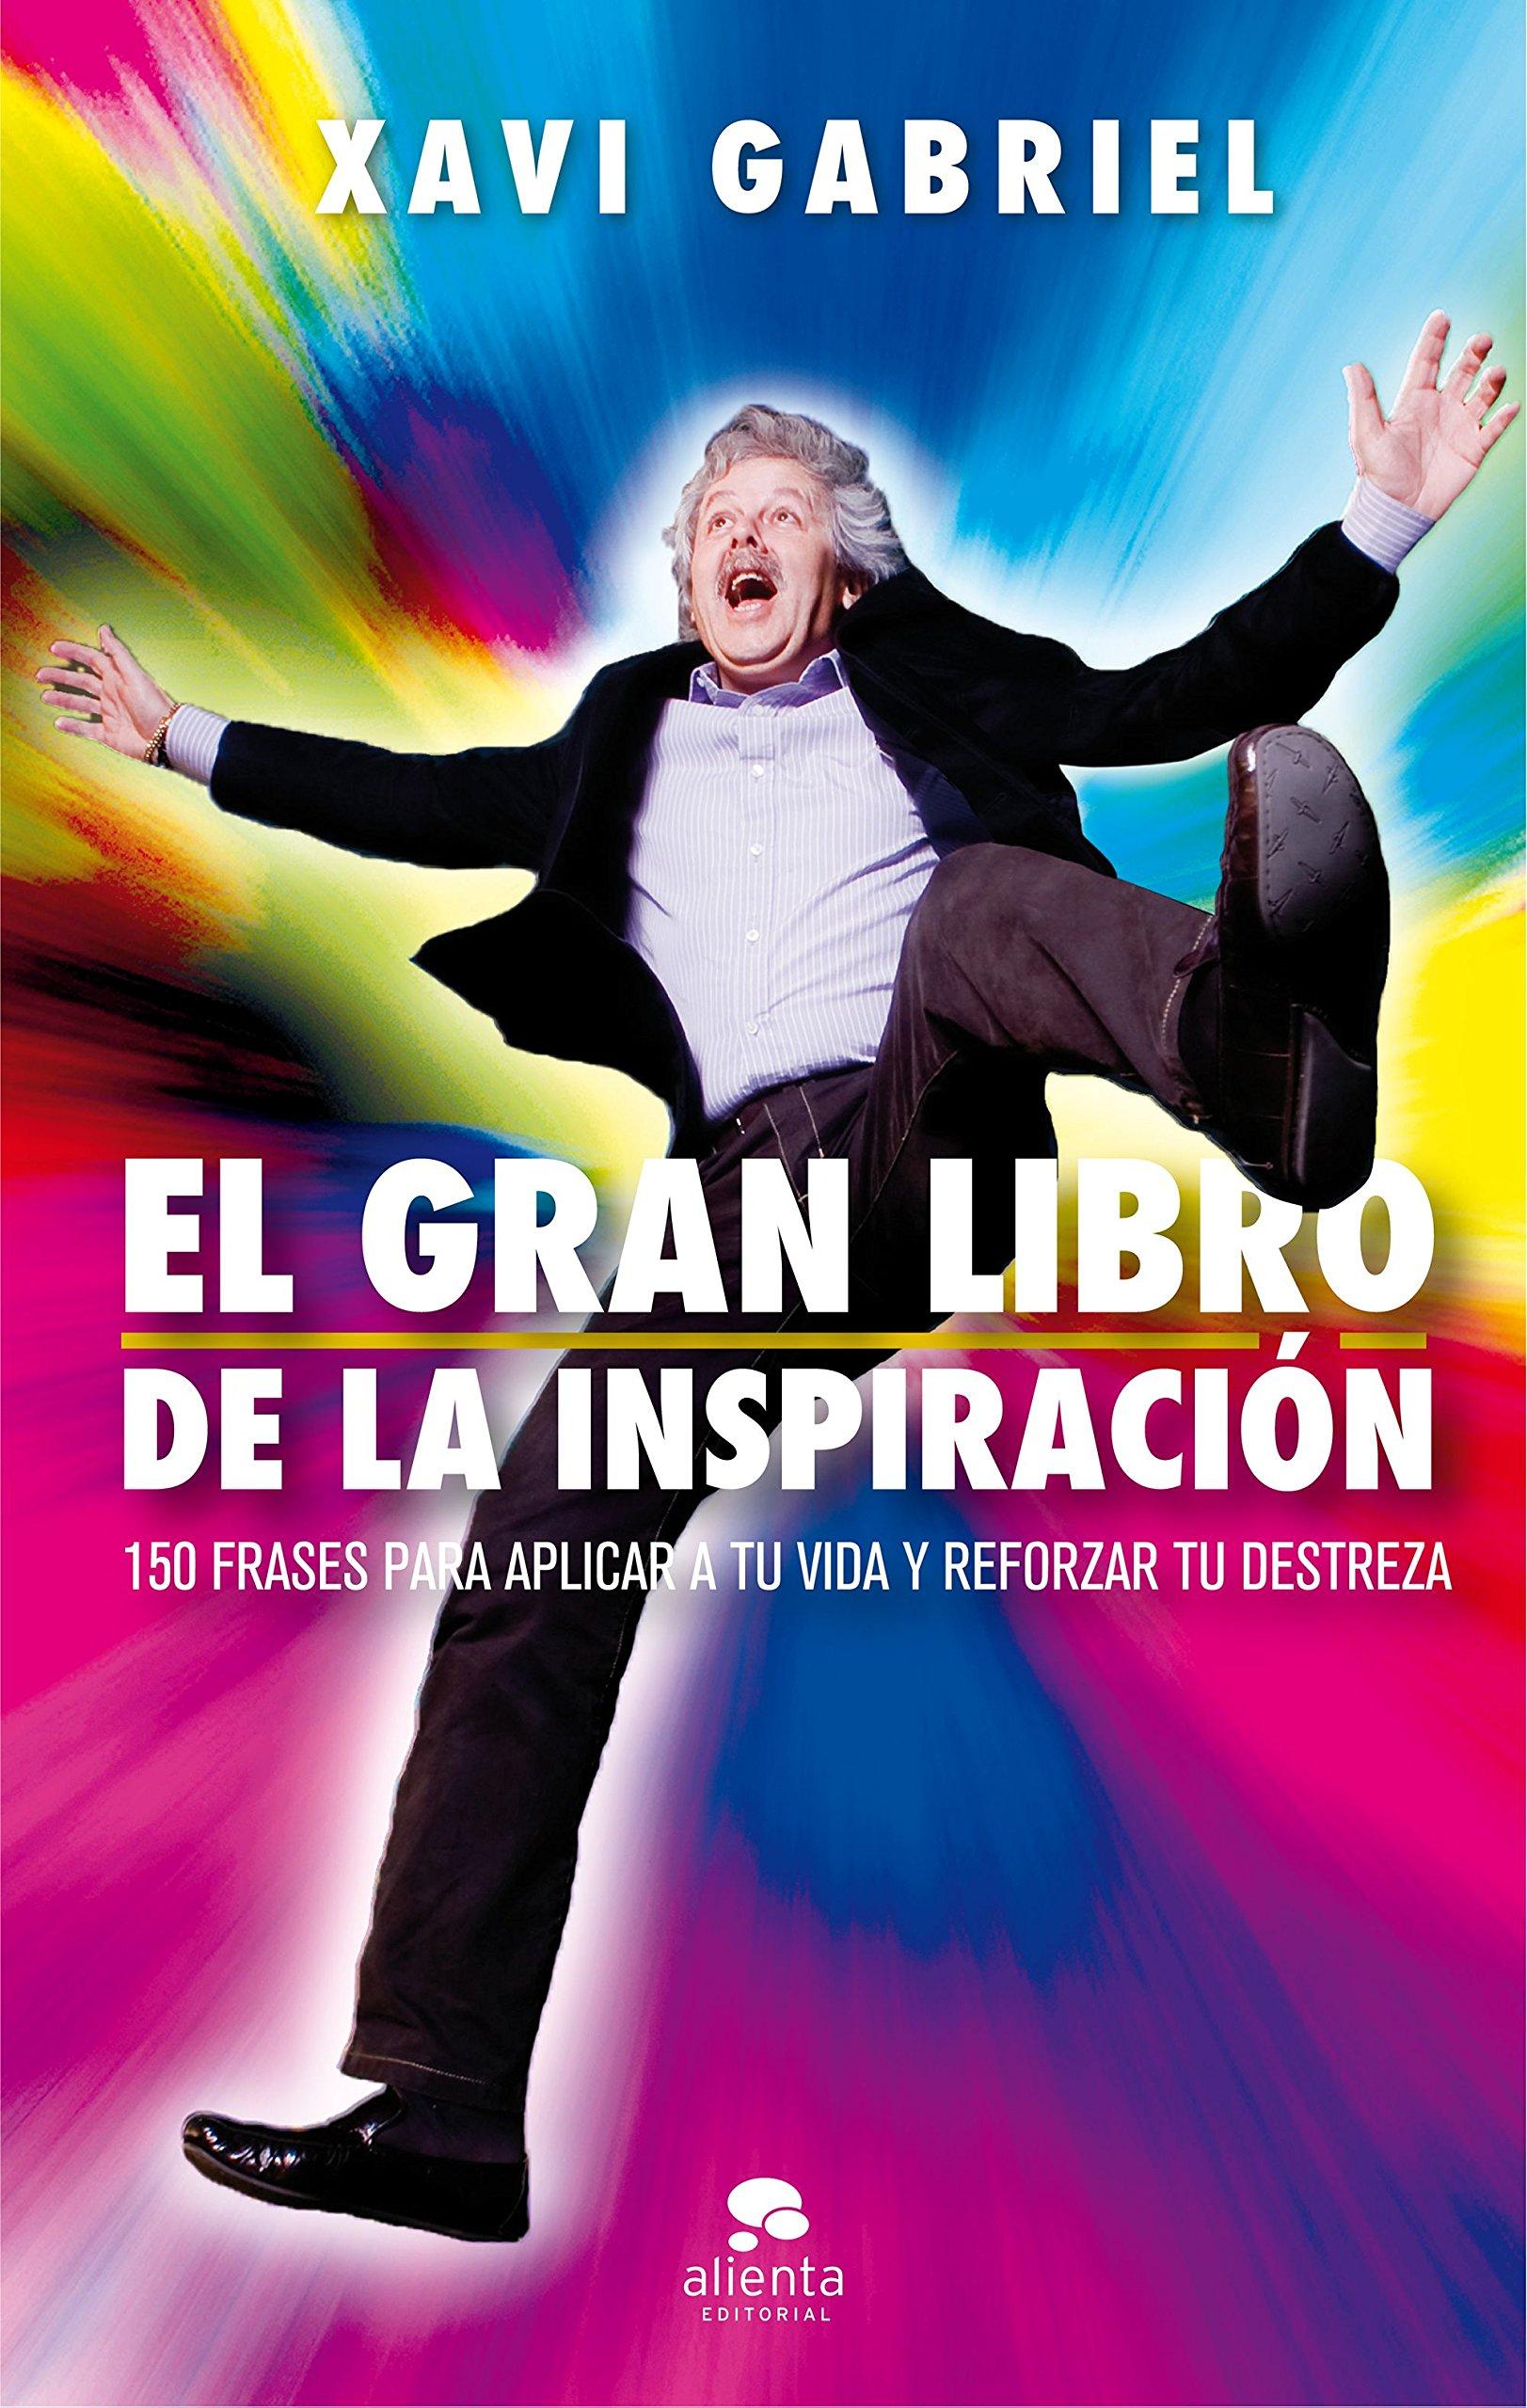 El gran libro de la inspiración: 150 frases para aplicar a tu vida y reforzar tu destreza COLECCION ALIENTA: Amazon.es: Xavi Gabriel: Libros